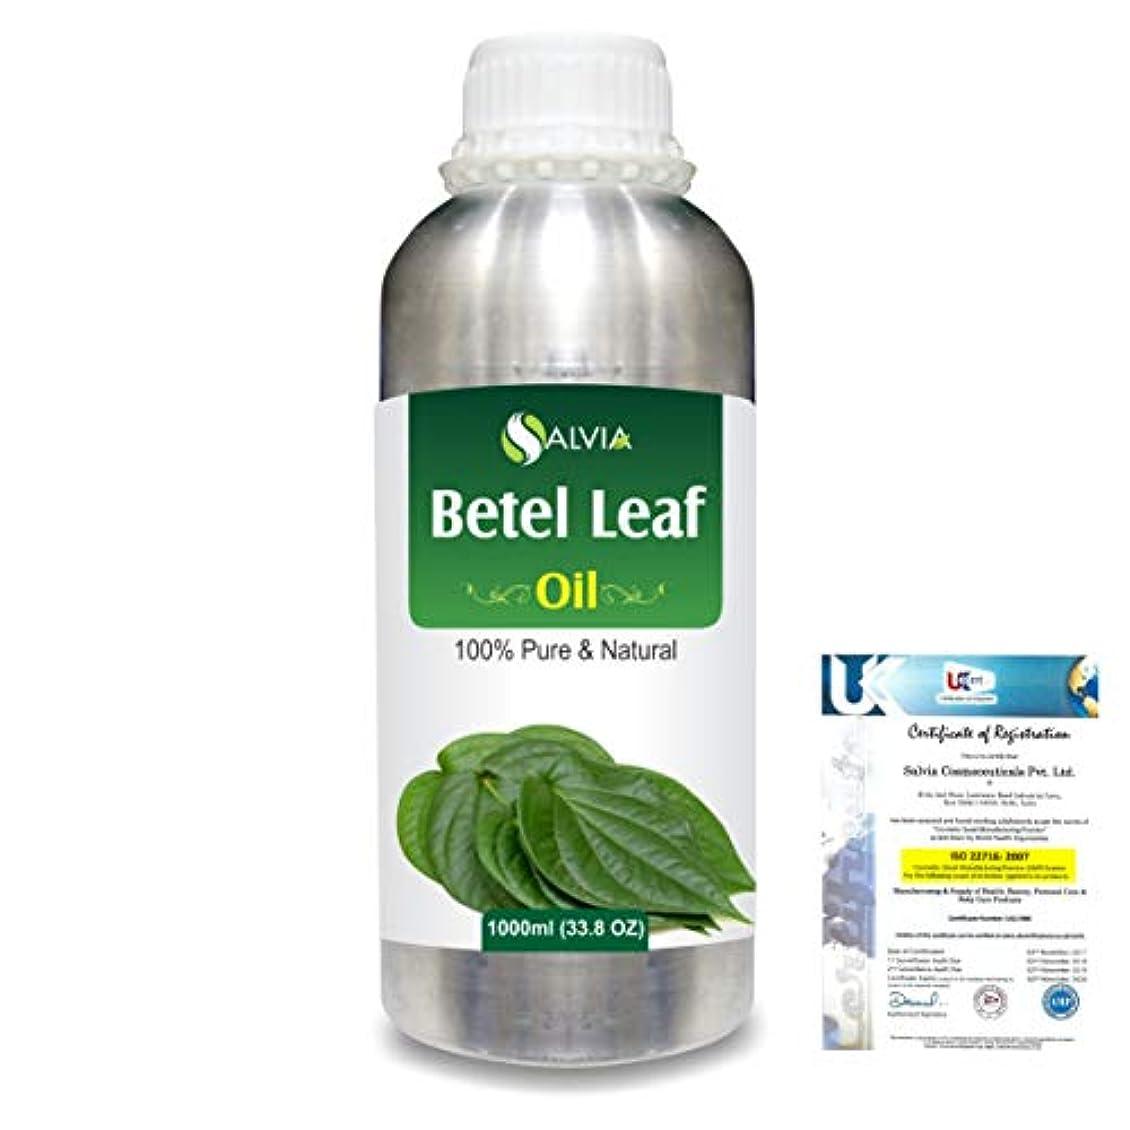 敬意を表して疑問に思うリンスBetel Leaf (Piper Betle) 100% Natural Pure Essential Oil 1000ml/33.8fl.oz.